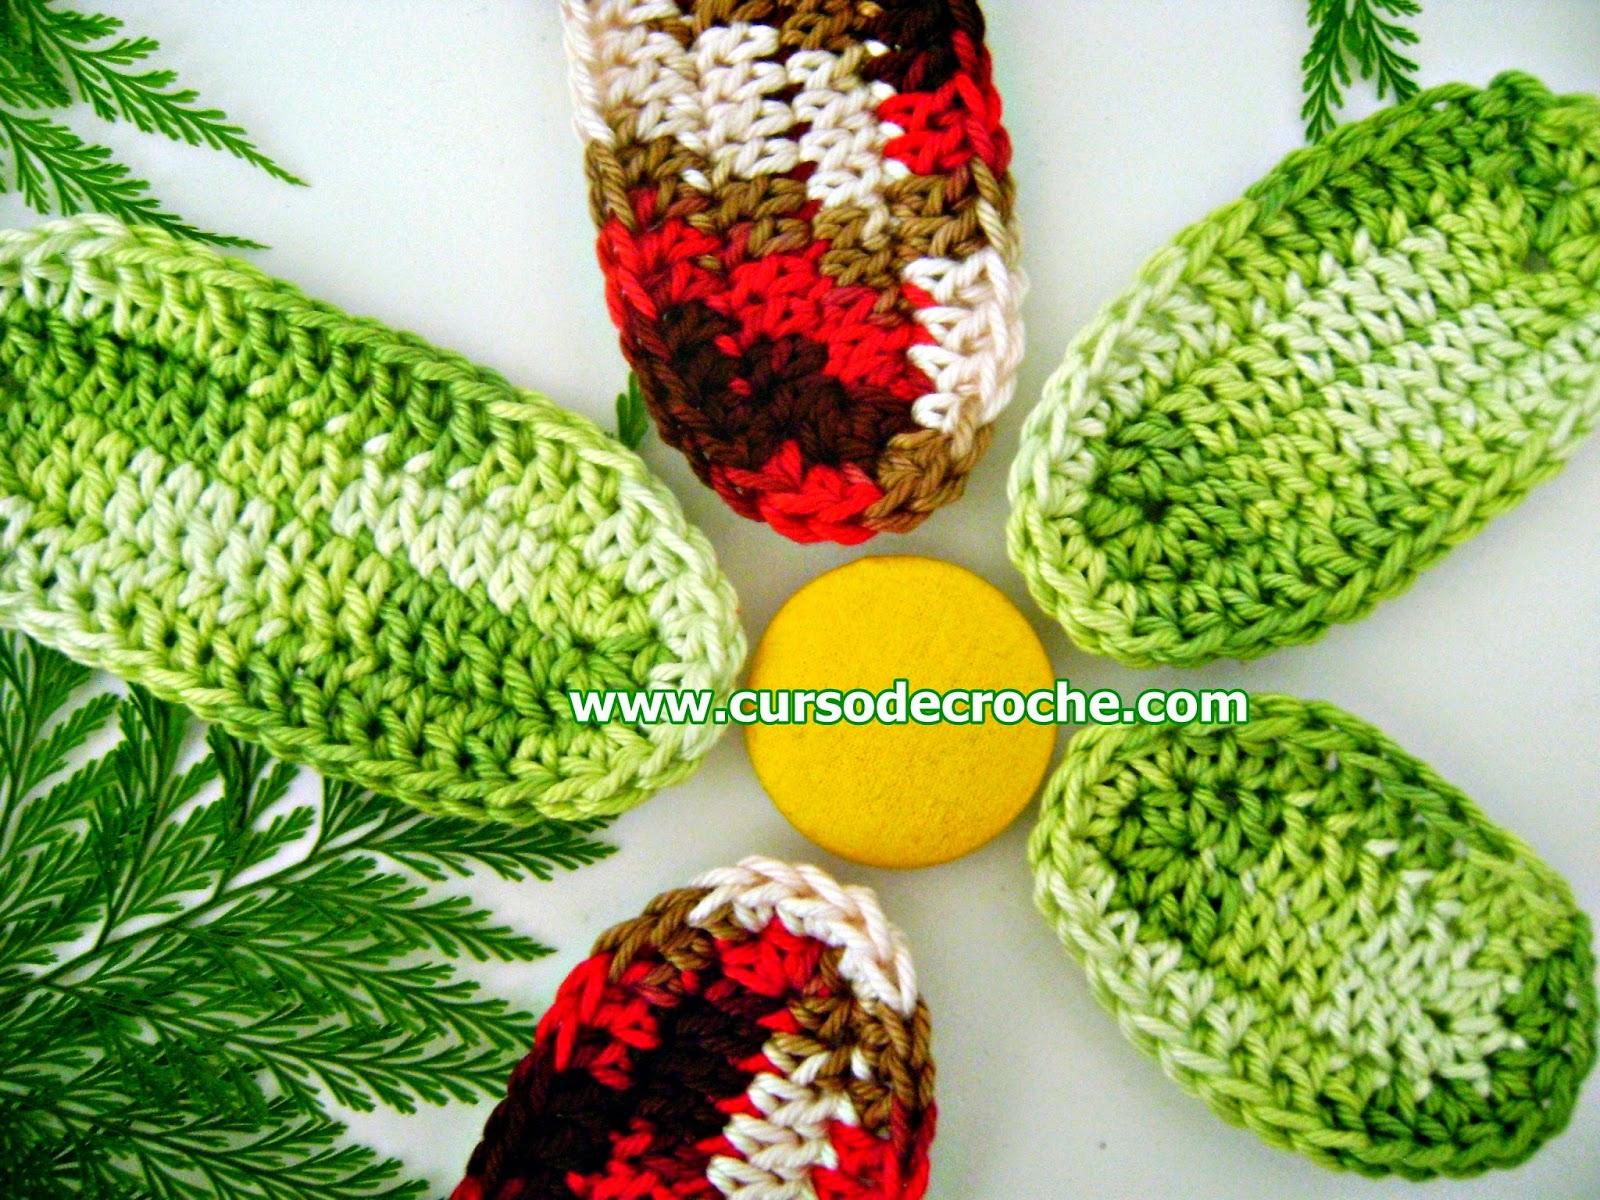 dvd folhas e flores em croche com Edinir-Croche na loja curso de croche com frete gratis